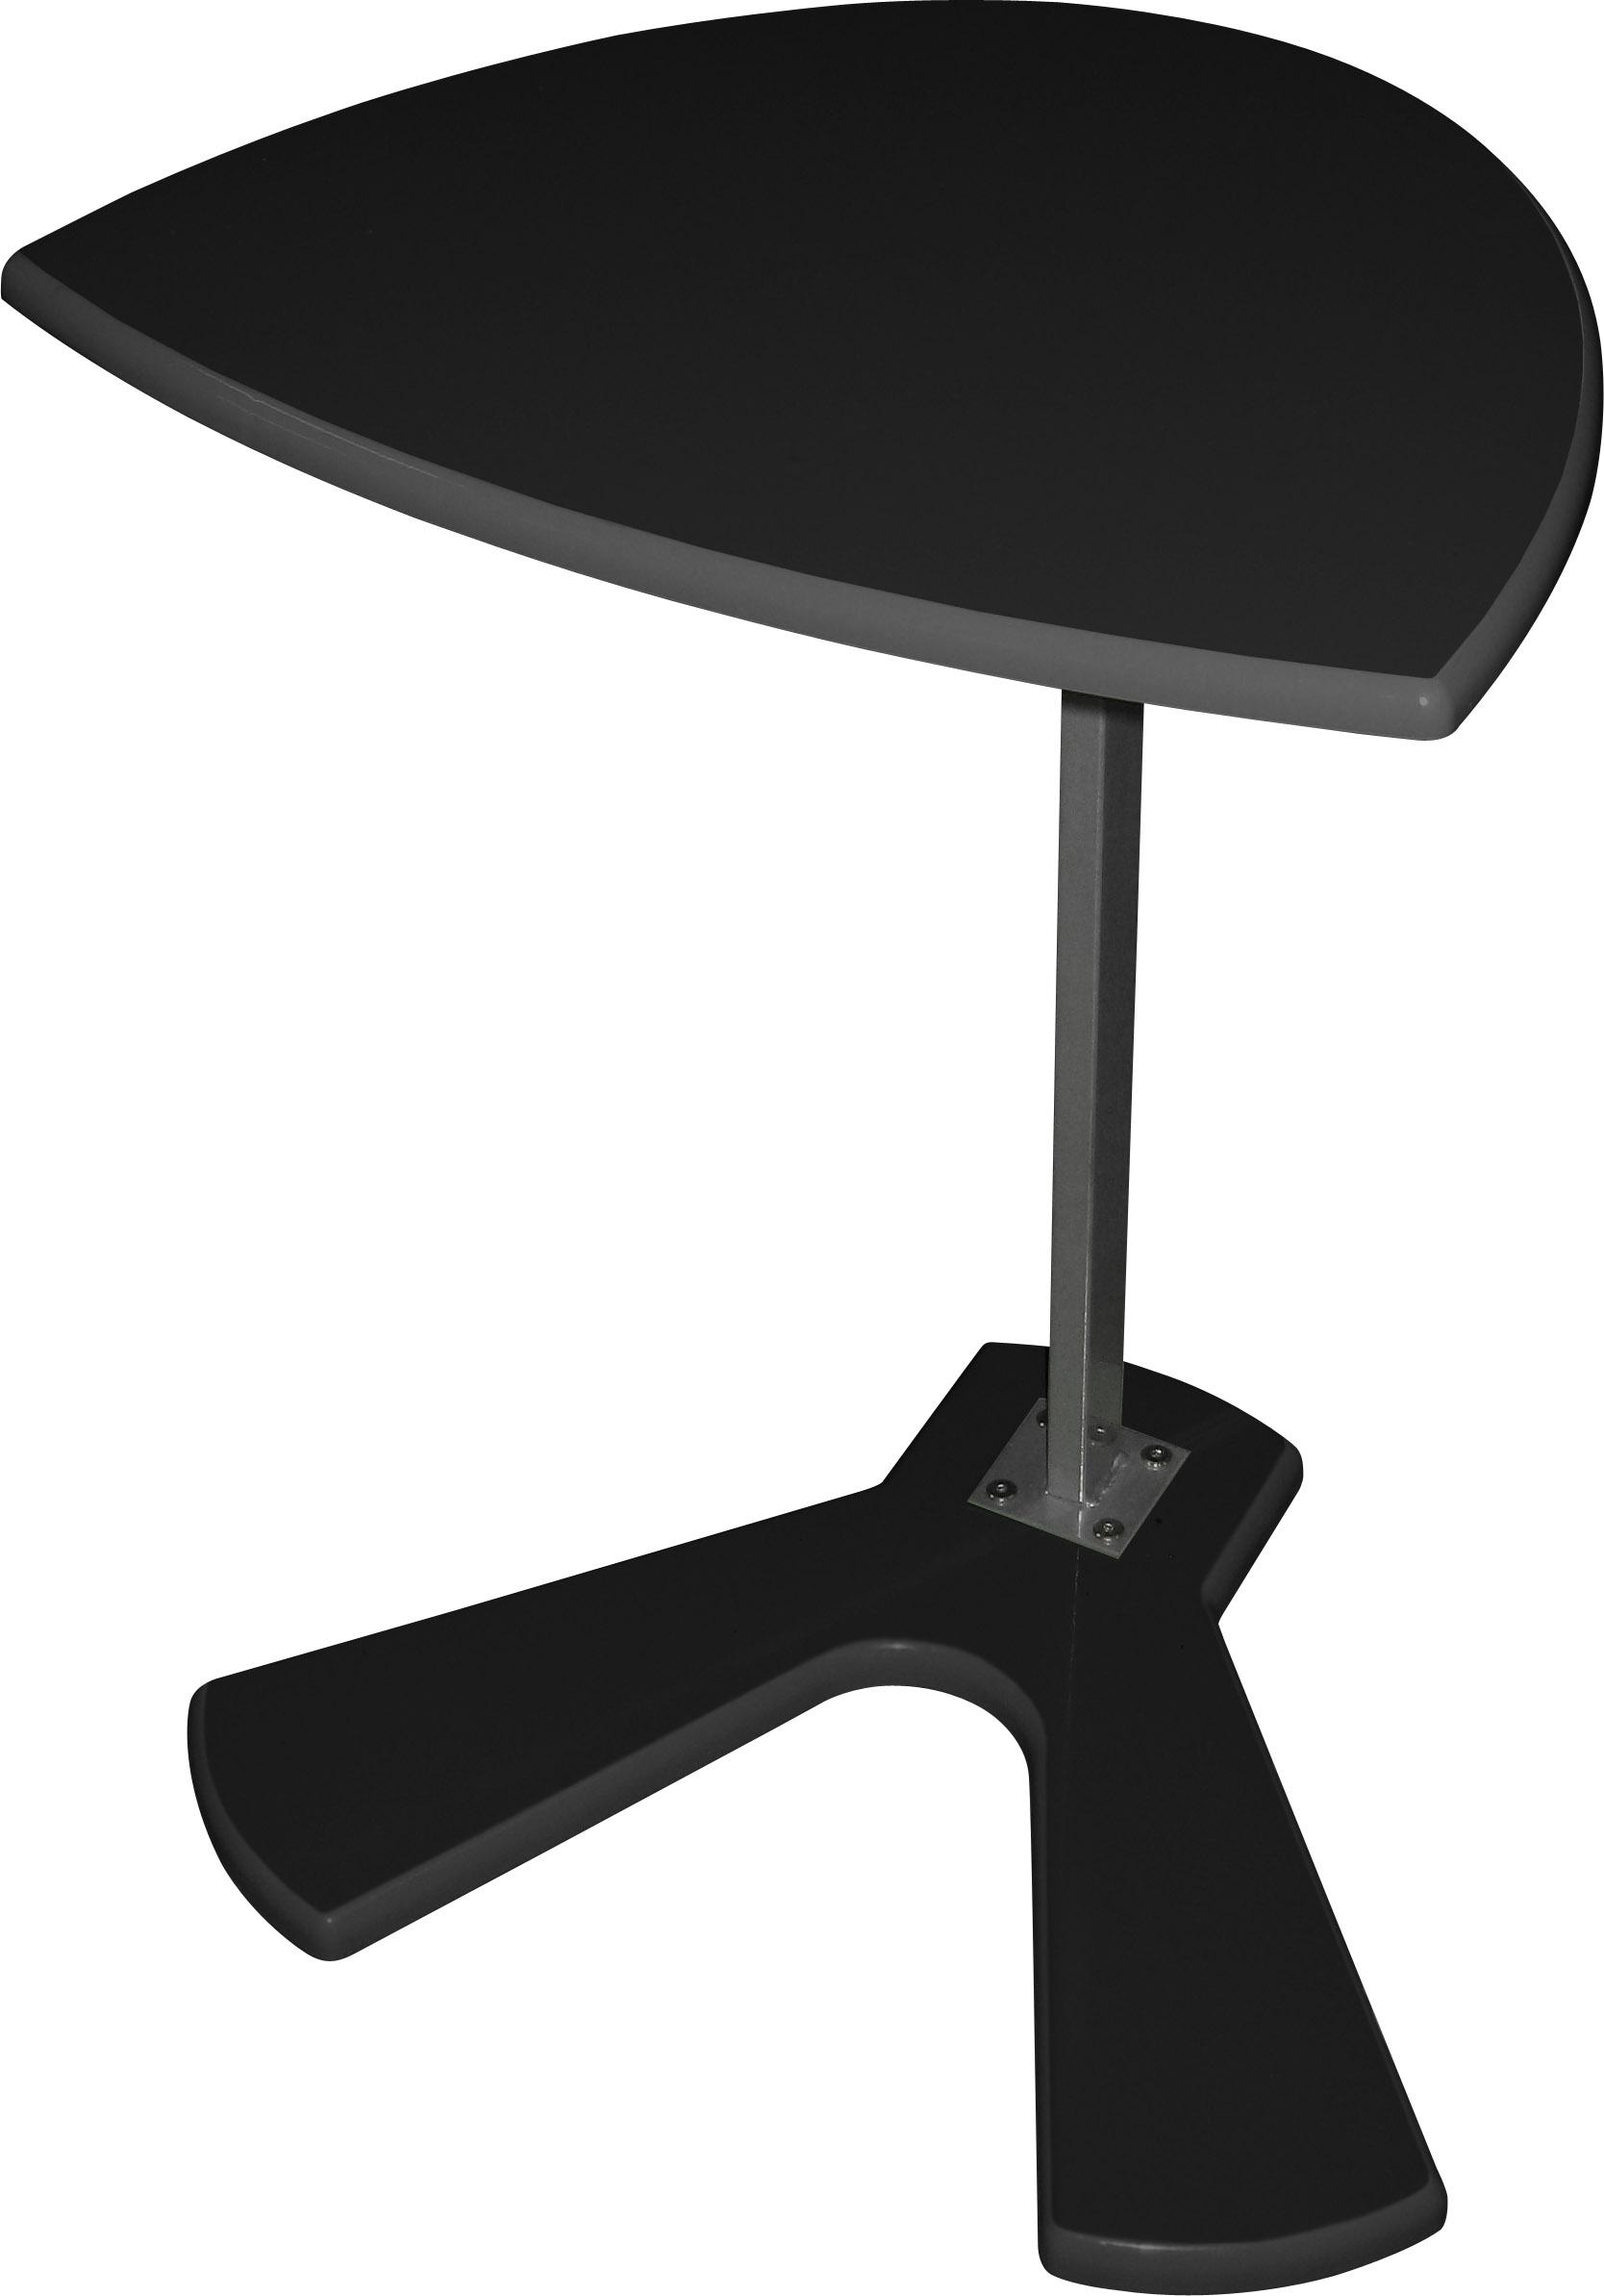 Напольный столик для ноутбука М134-04.  Регулируется по высоте.